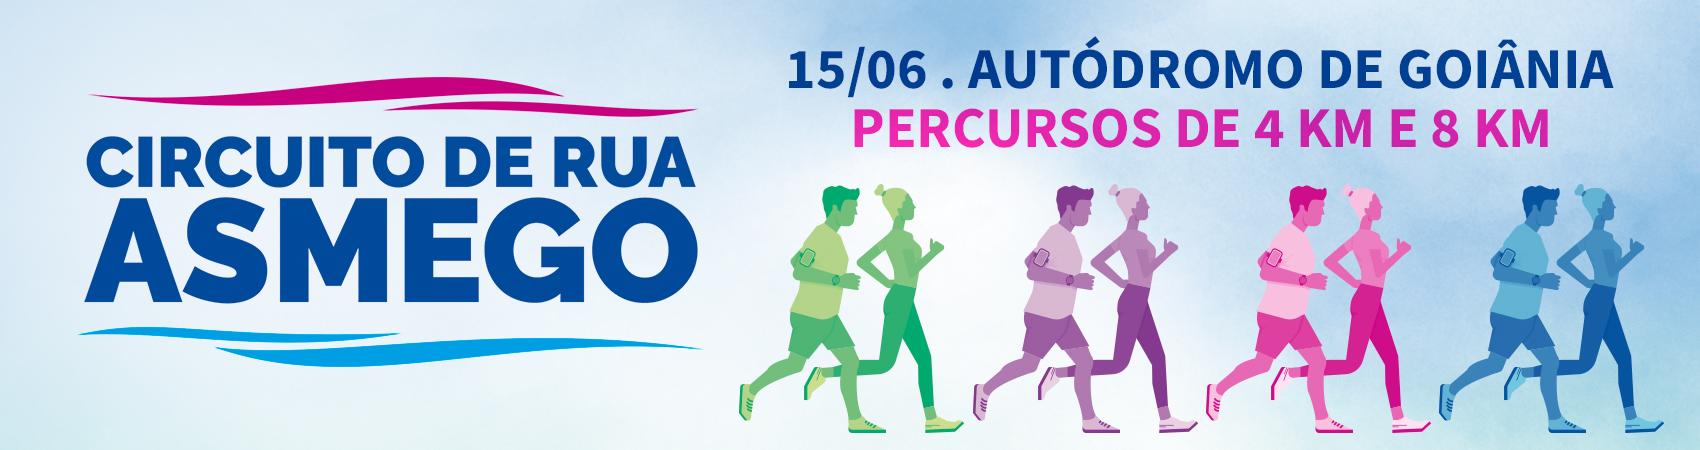 CIRCUITO DE RUA ASMEGO 2019